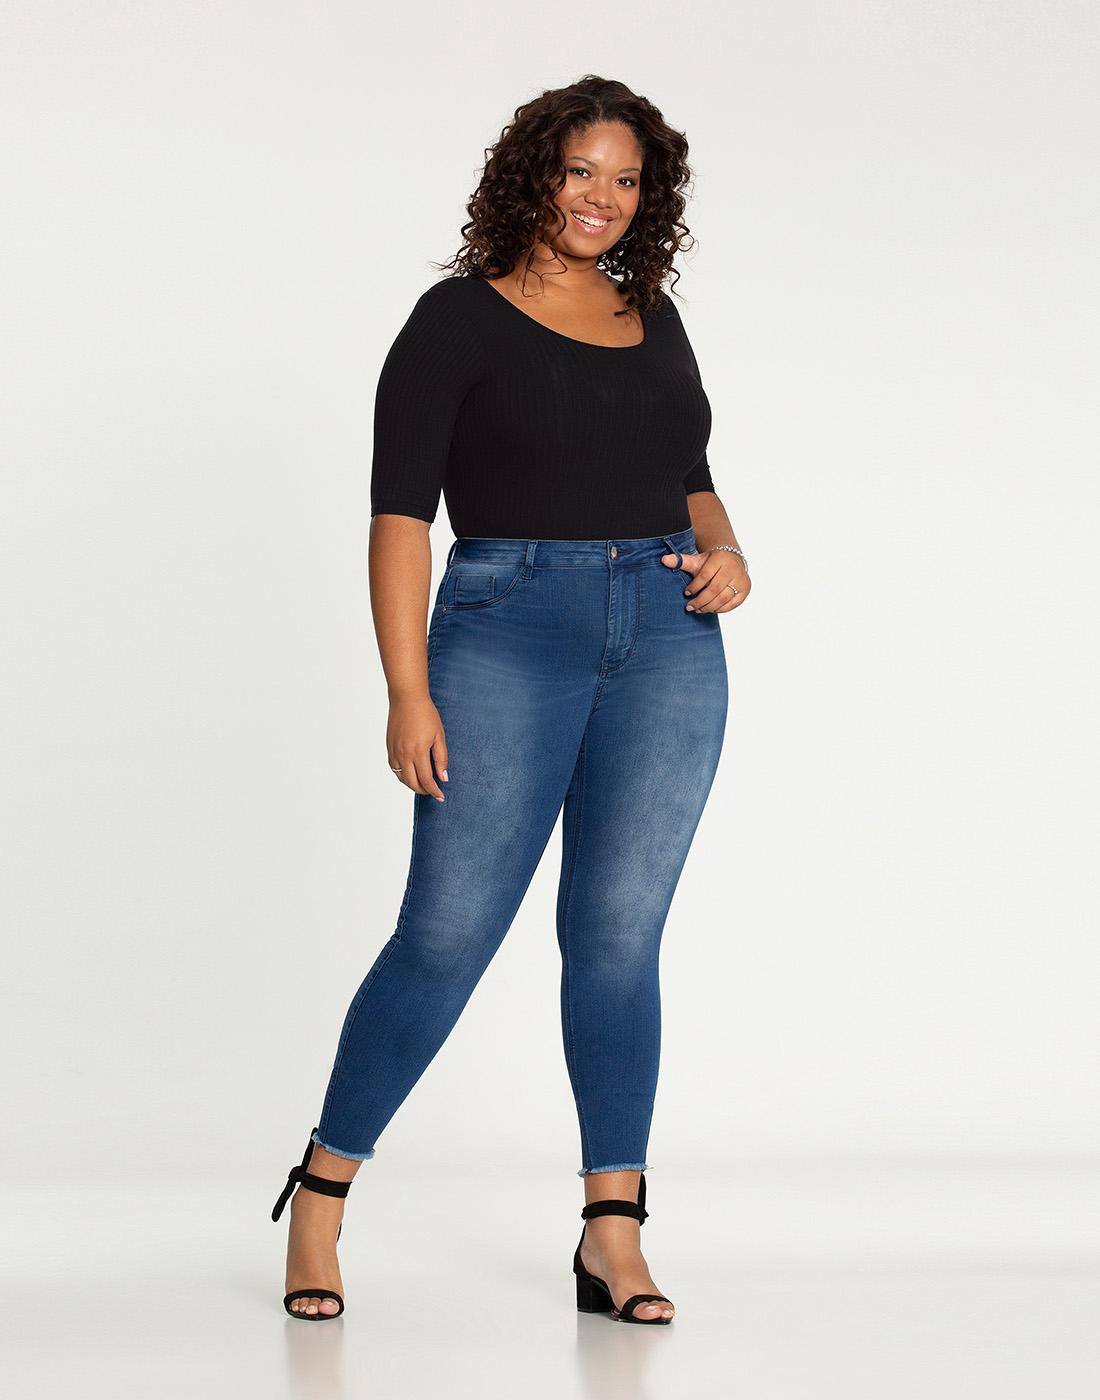 Calça Cropped Plus Size Fit For Me Jeans Médio Lunender Mais Mulher